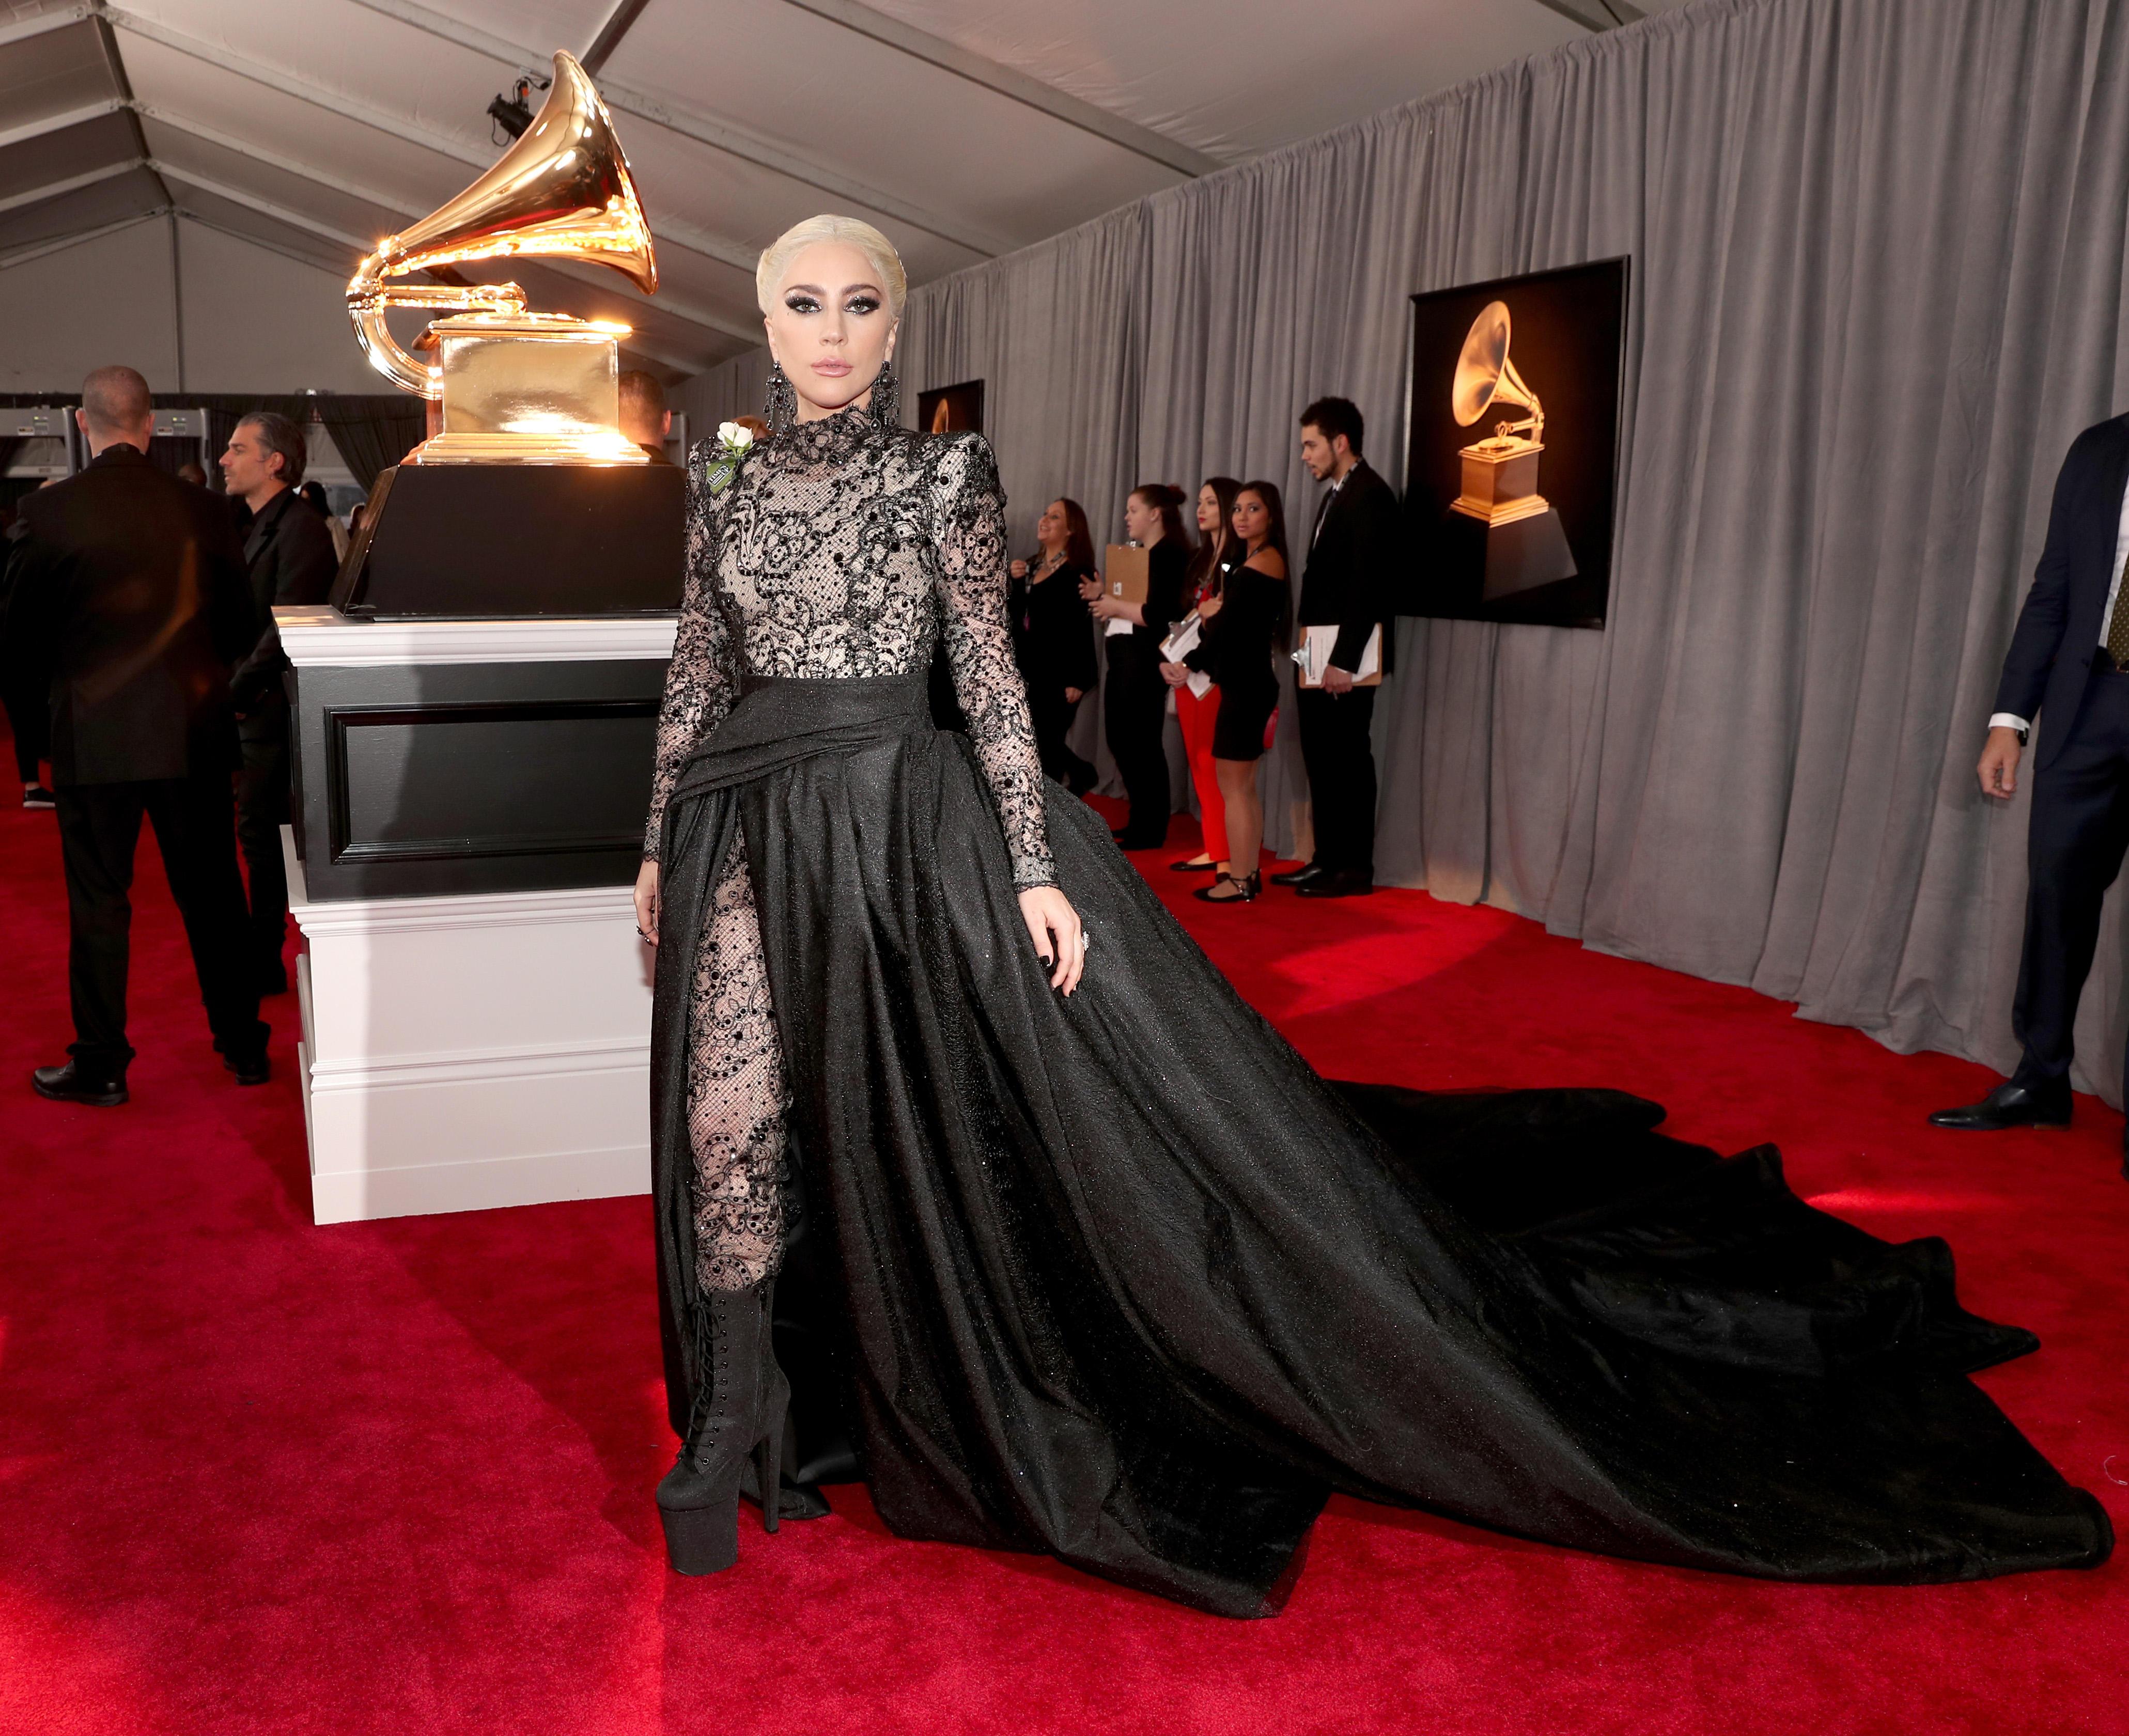 2018 Grammys: Grammys 2018 Red Carpet: Lady Gaga Among Stars Wearing